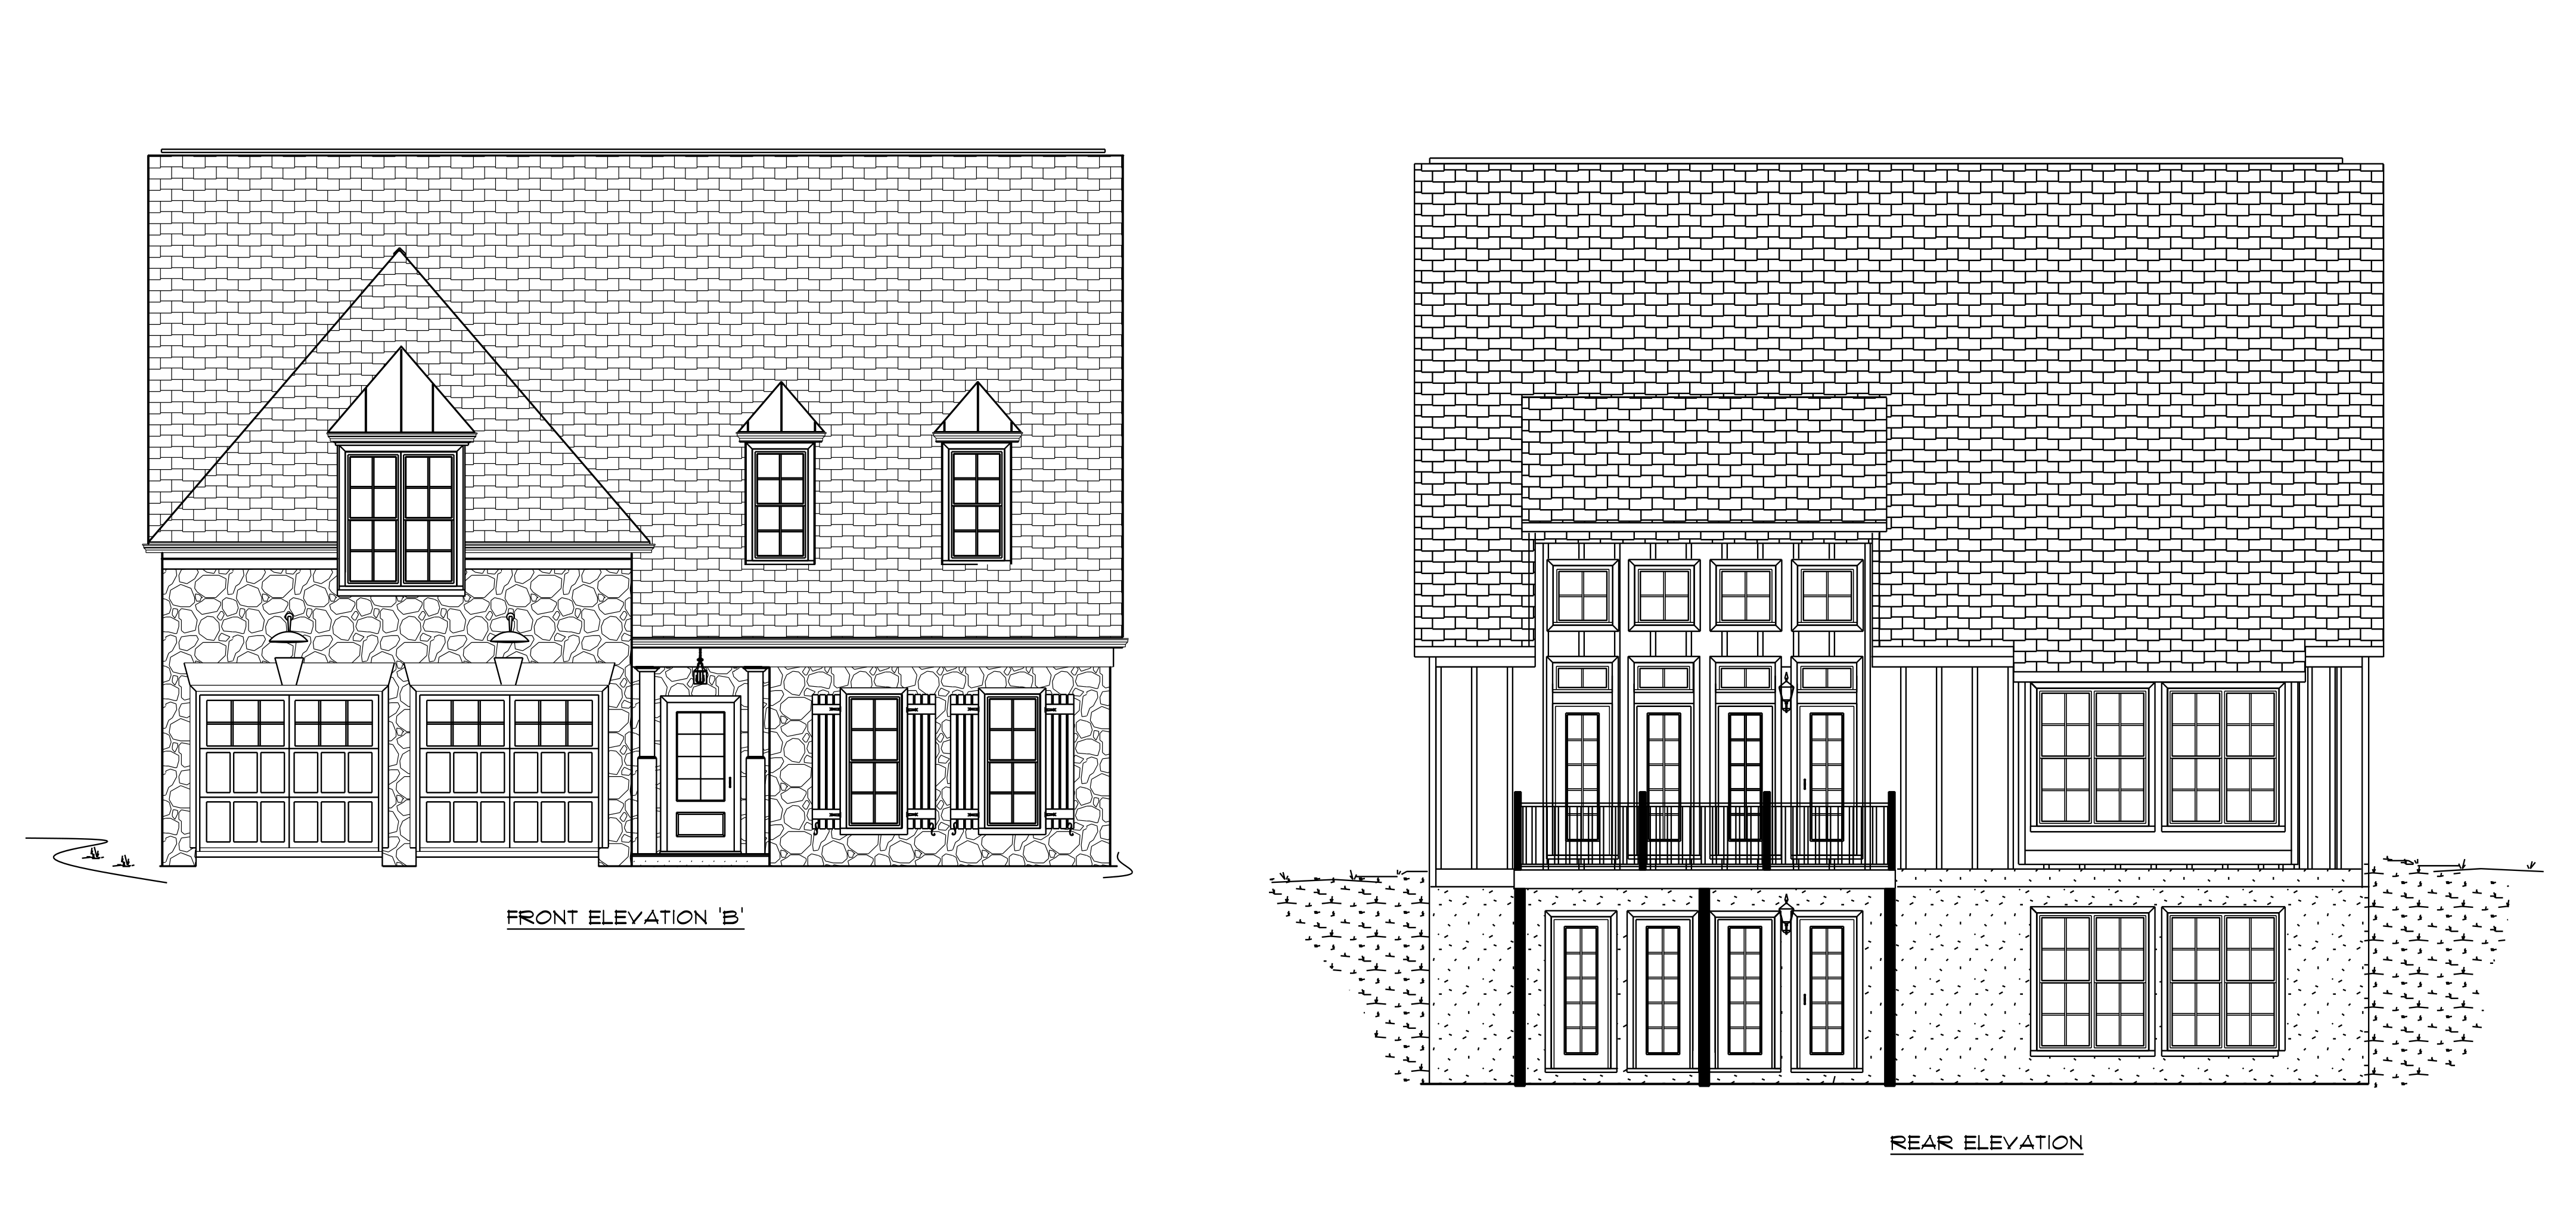 Exterior Design B